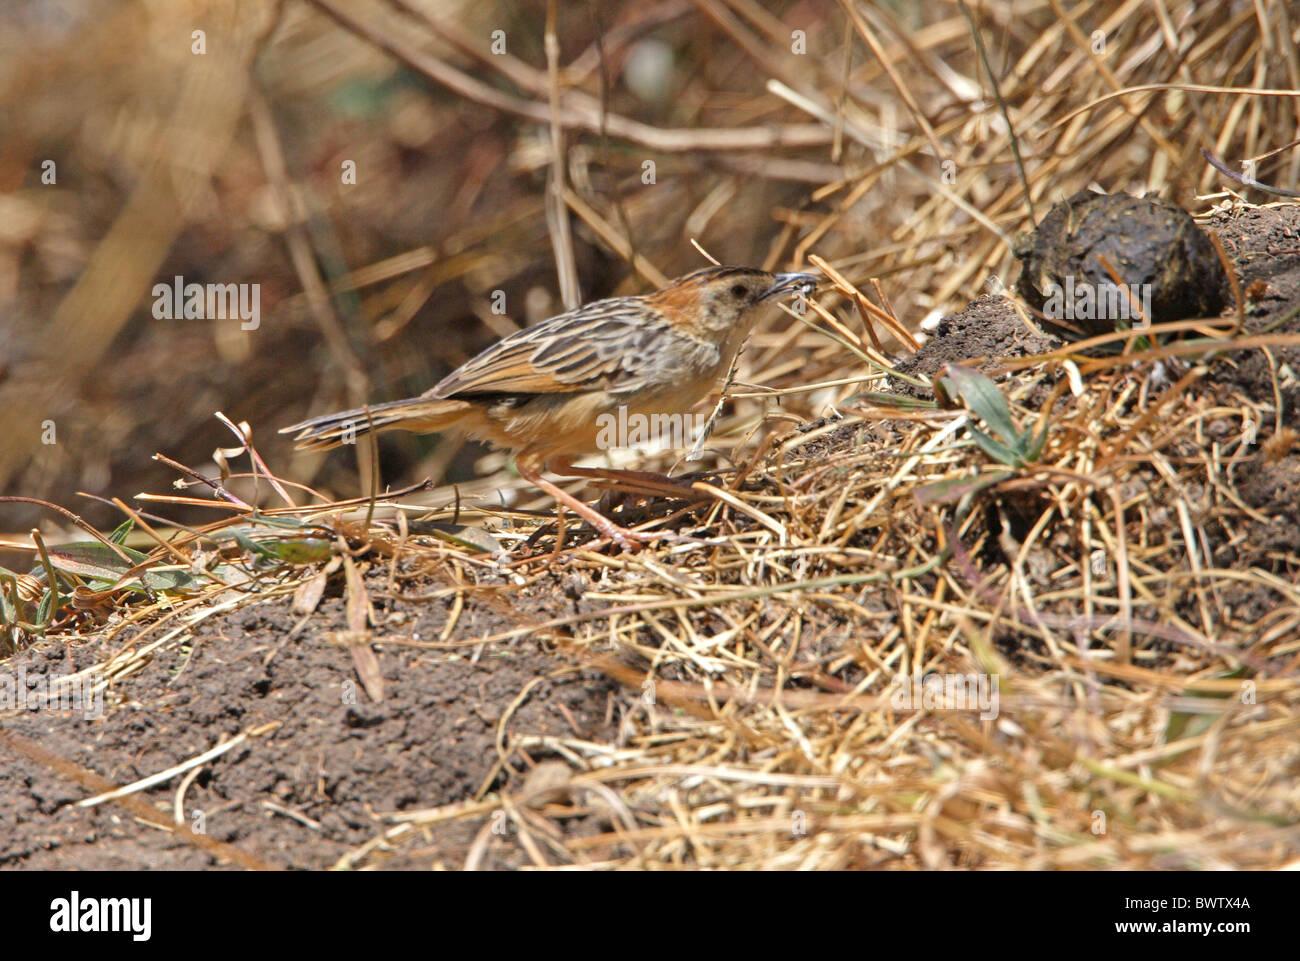 Stout Cisticola (Cisticola robustus) adult, feeding on ground, Debre Libanos Gorge, Oromia, Ethiopia, april - Stock Image